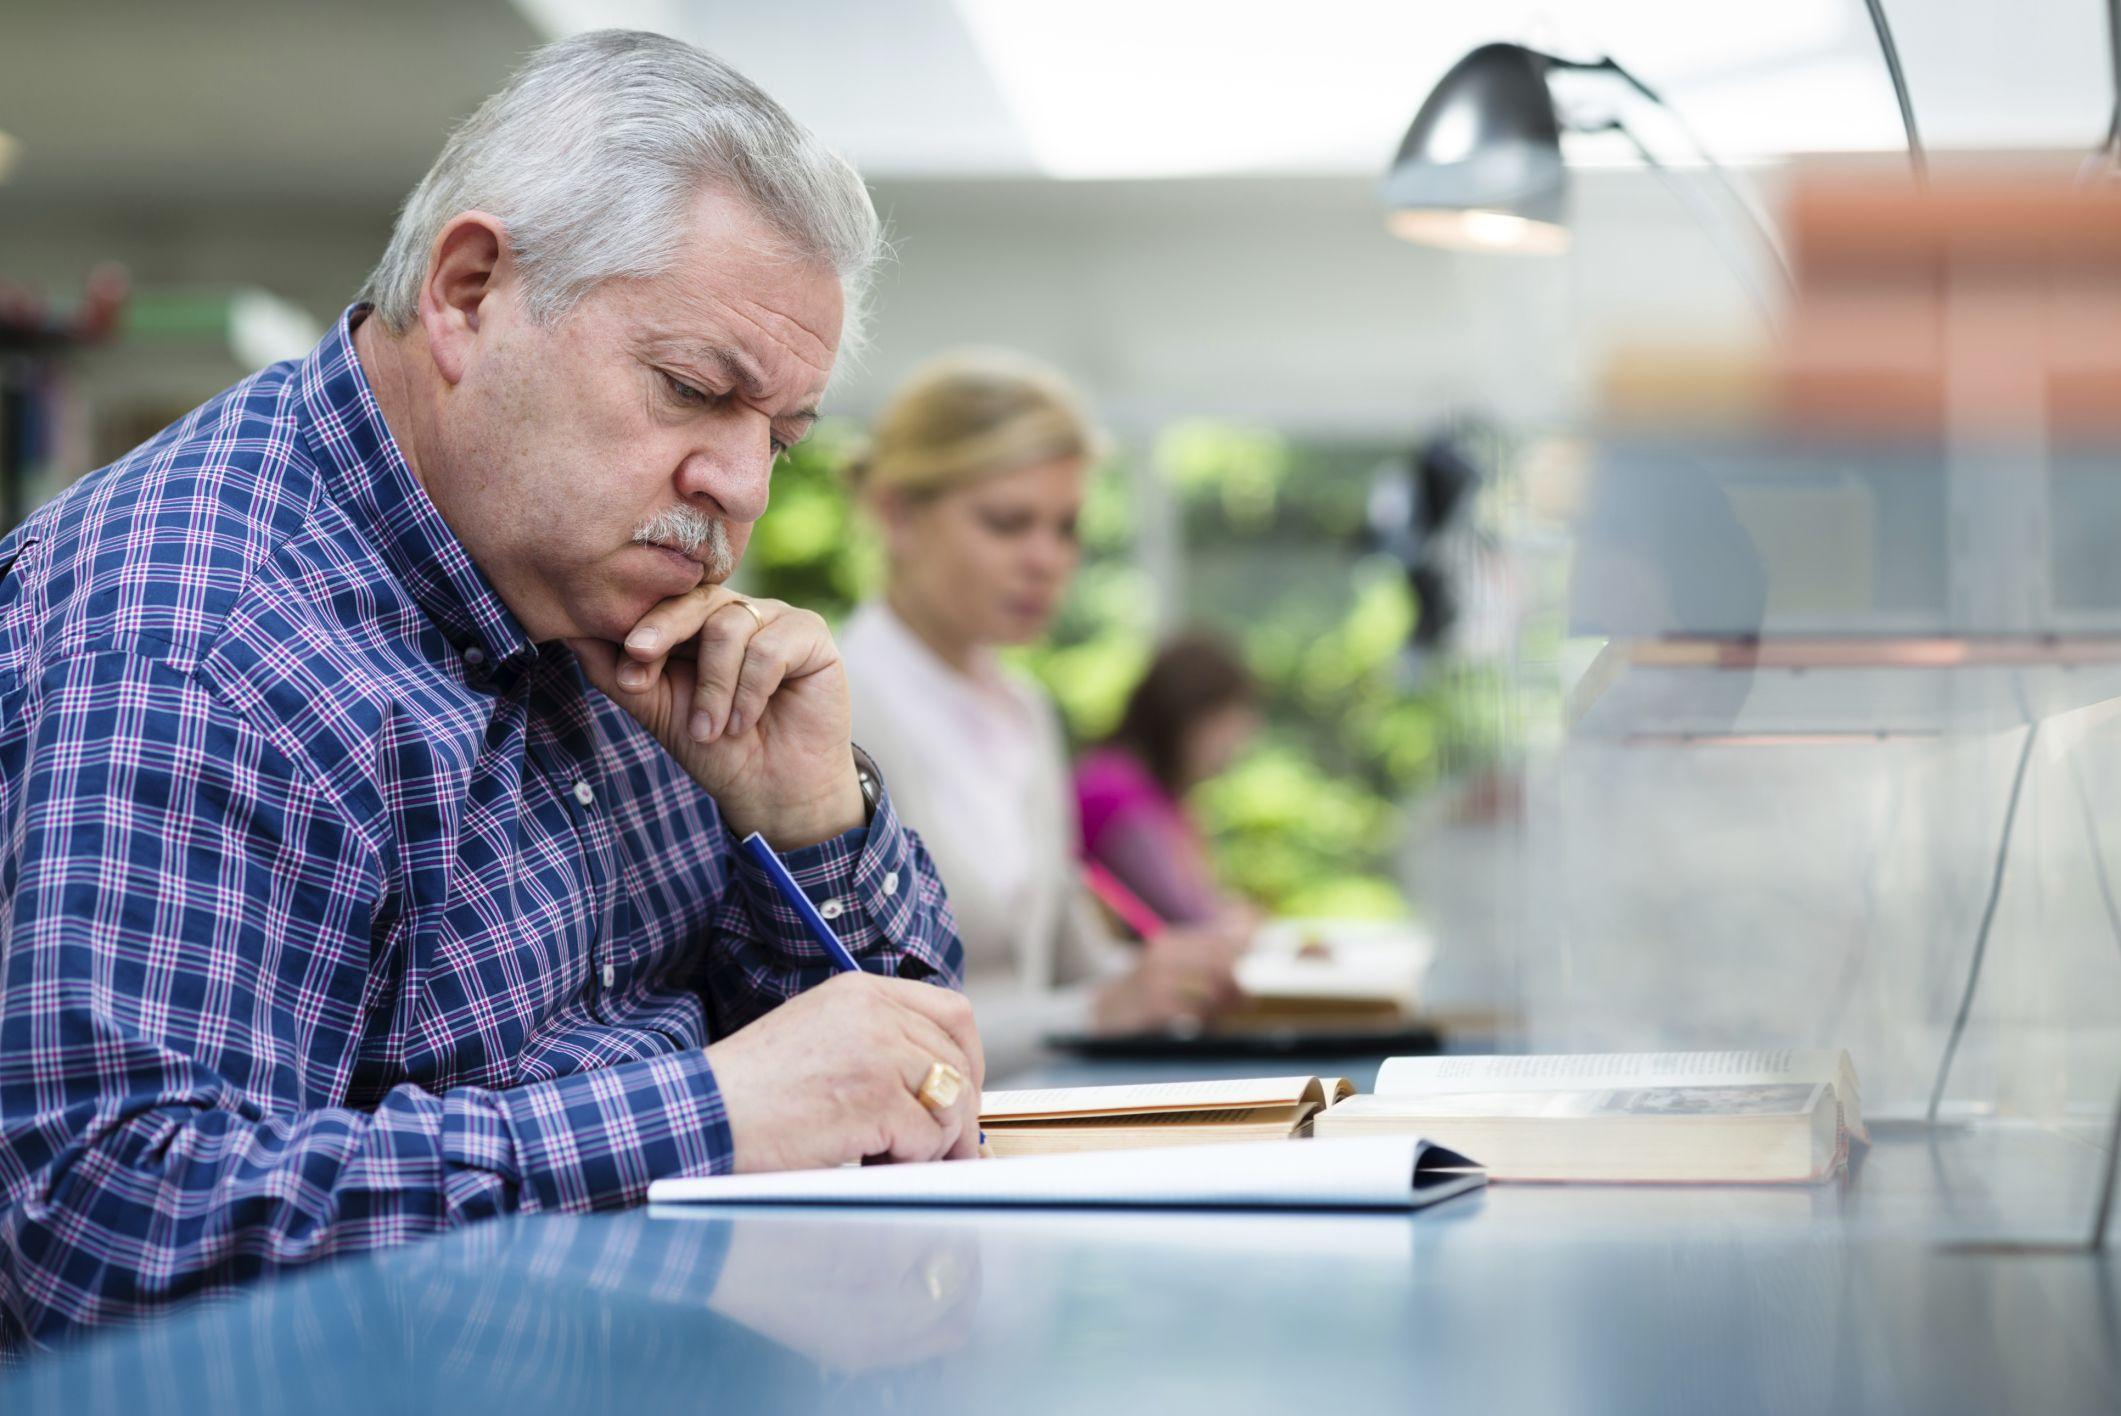 Работа для мужчины предпенсионного возраста личный кабинет пенсионного фонда в сарове